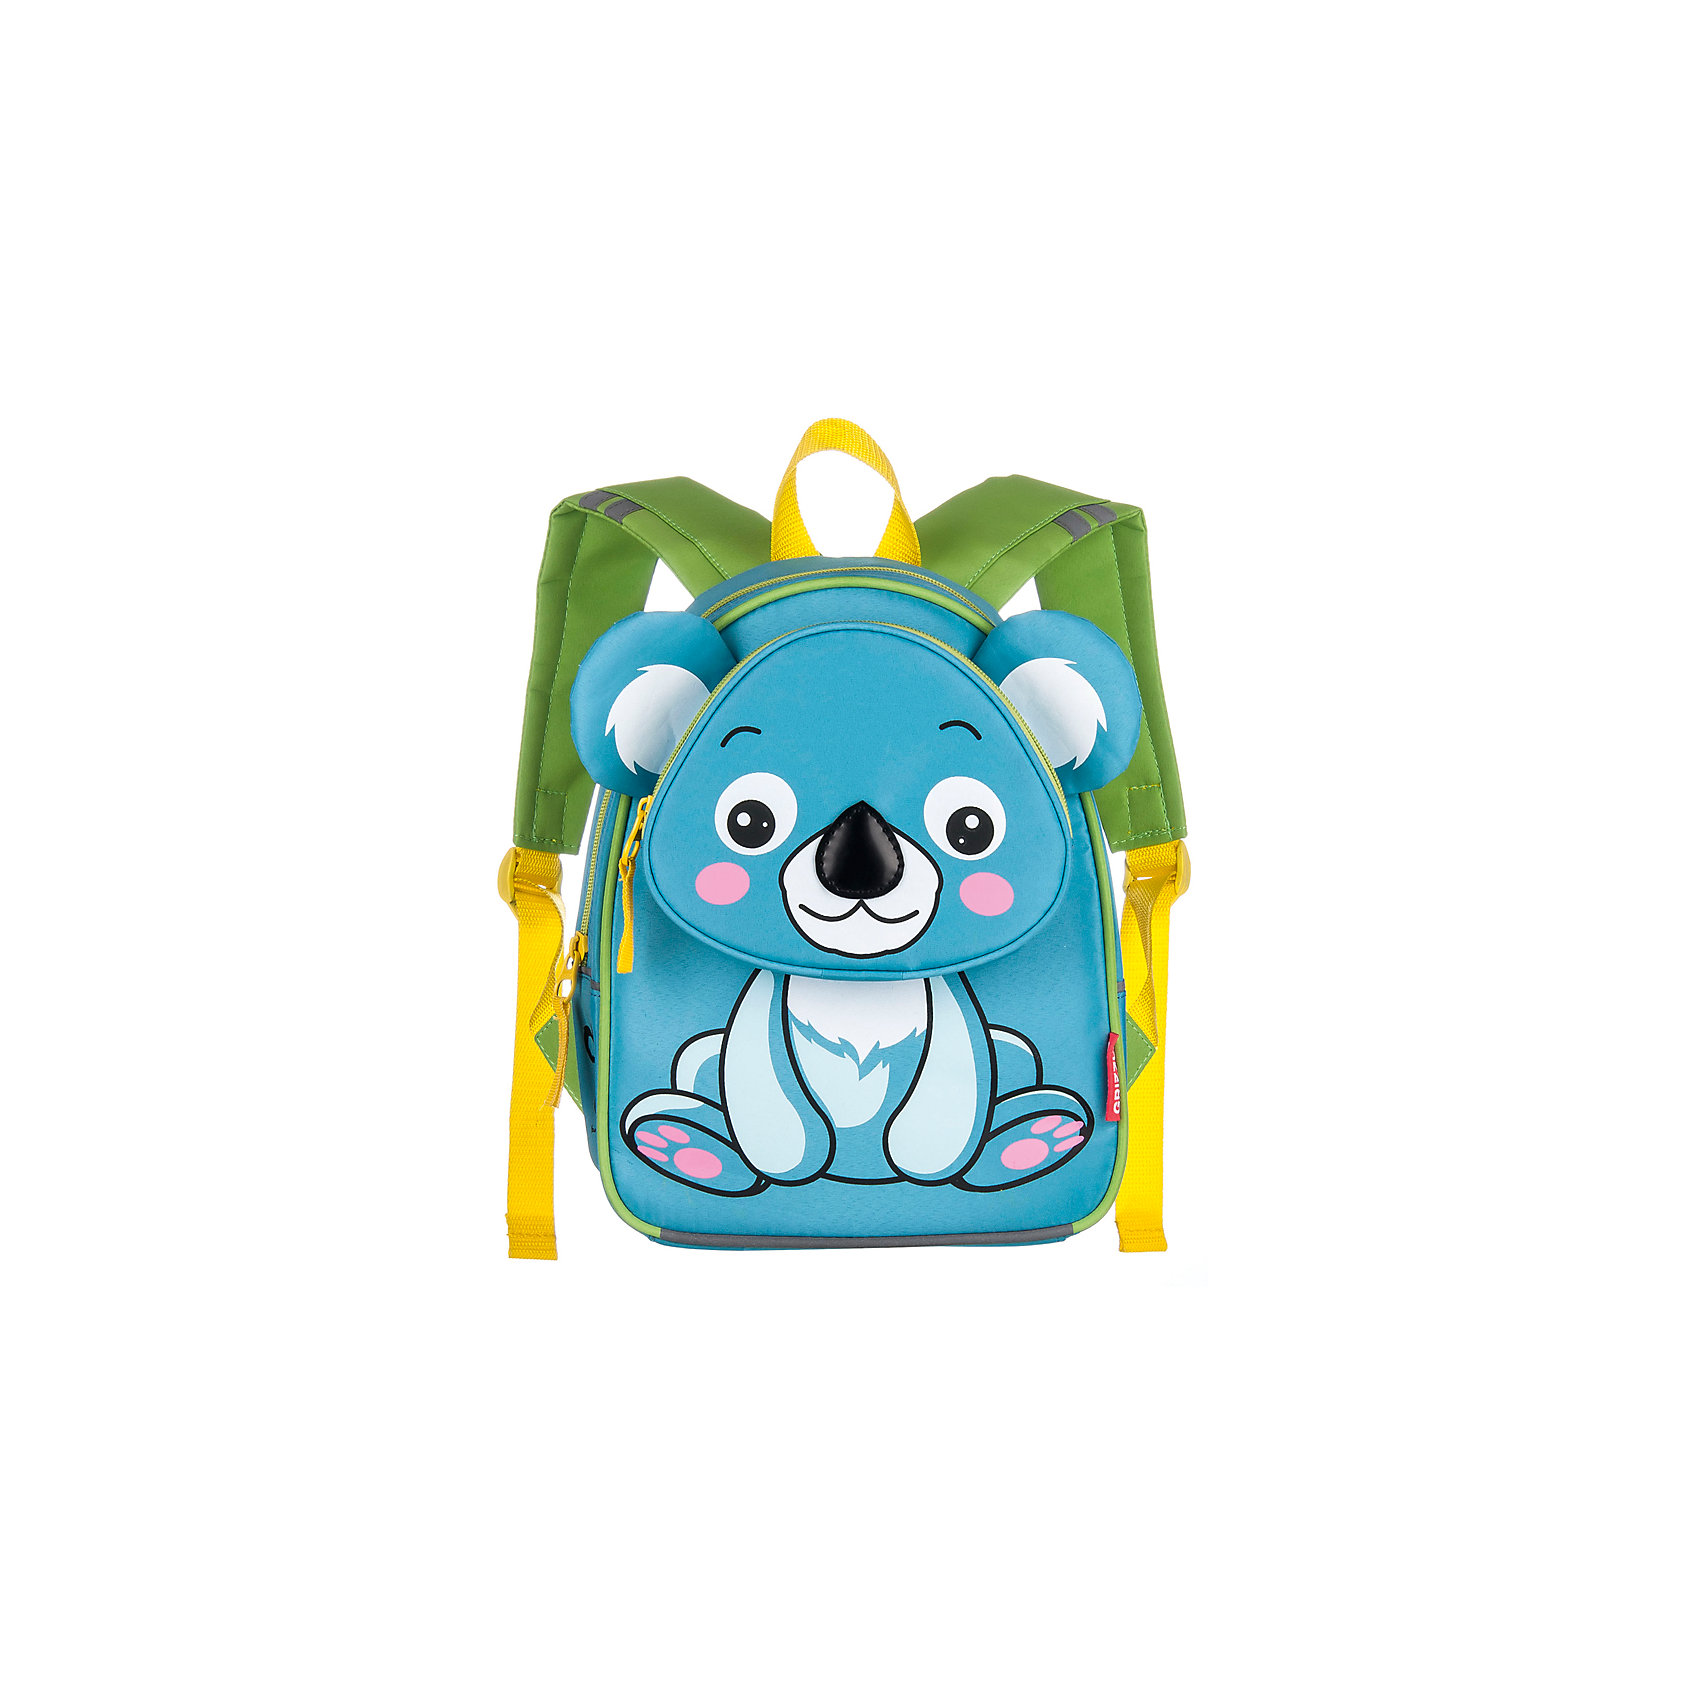 Grizzly Рюкзак детский КоалаАксессуары<br>Рюкзак для дошкольников  с изображением коалы оборудован одним отделением, передним карманом на молнии, внутренним карманом, мягкими лямками и спинкой и ручкой для переноски.<br><br>Дополнительная информация:<br><br>одно отделение, <br>объемный карман на молнии на передней стенке, <br>внутренний карман, <br>укрепленная спинка, <br>мягкие лямки, <br>светоотражающие элементы с четырех сторон<br>вес: 340 г<br>размеры: 24 х 30 х 12 см<br><br>Рюкзак детский Коала можно купить в нашем магазине.<br><br>Ширина мм: 240<br>Глубина мм: 120<br>Высота мм: 300<br>Вес г: 340<br>Возраст от месяцев: 36<br>Возраст до месяцев: 72<br>Пол: Унисекс<br>Возраст: Детский<br>SKU: 4632779